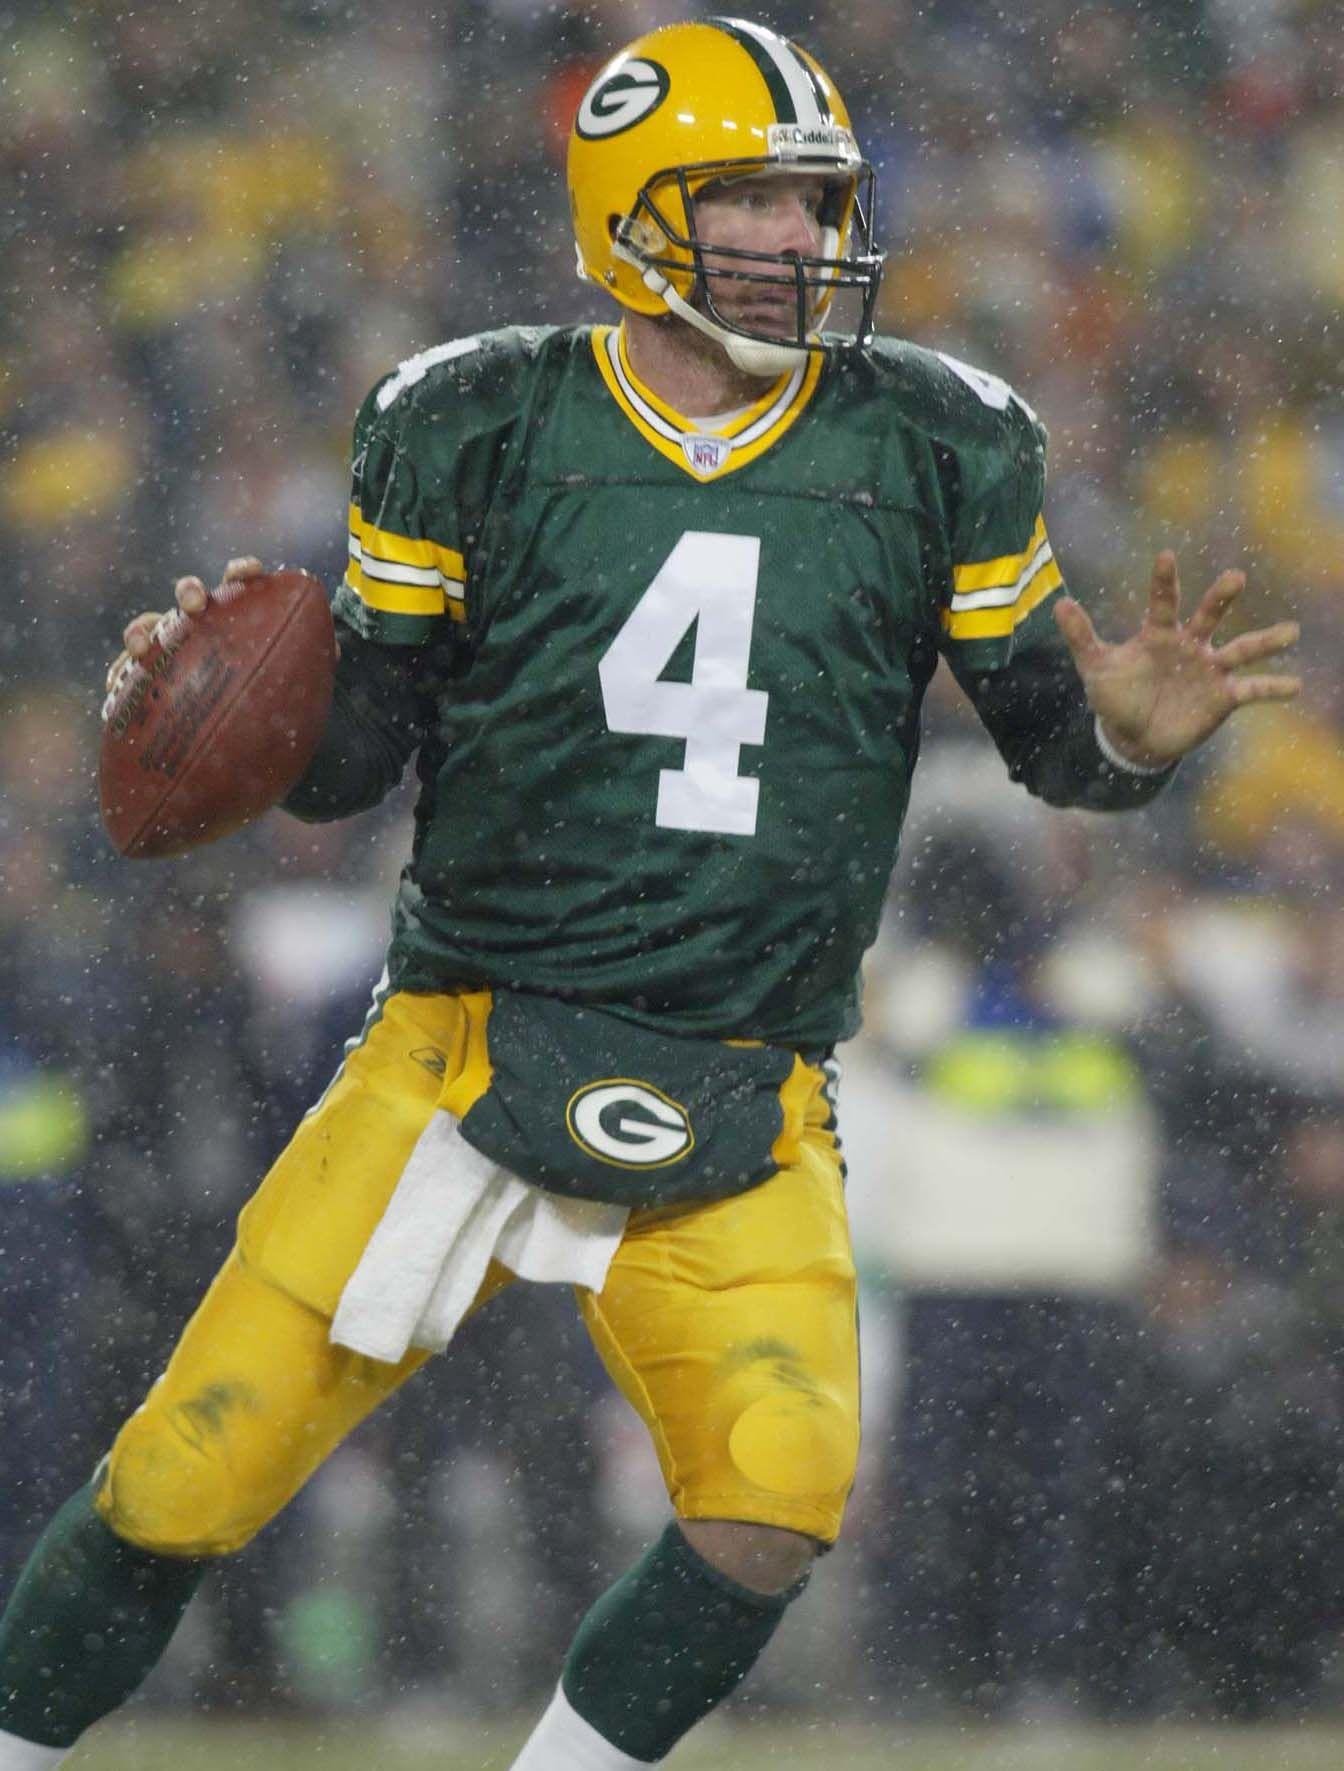 Brett Favre Green Bay Packers Photo 83051 Fanpop Green Bay Packers Packers Green Bay